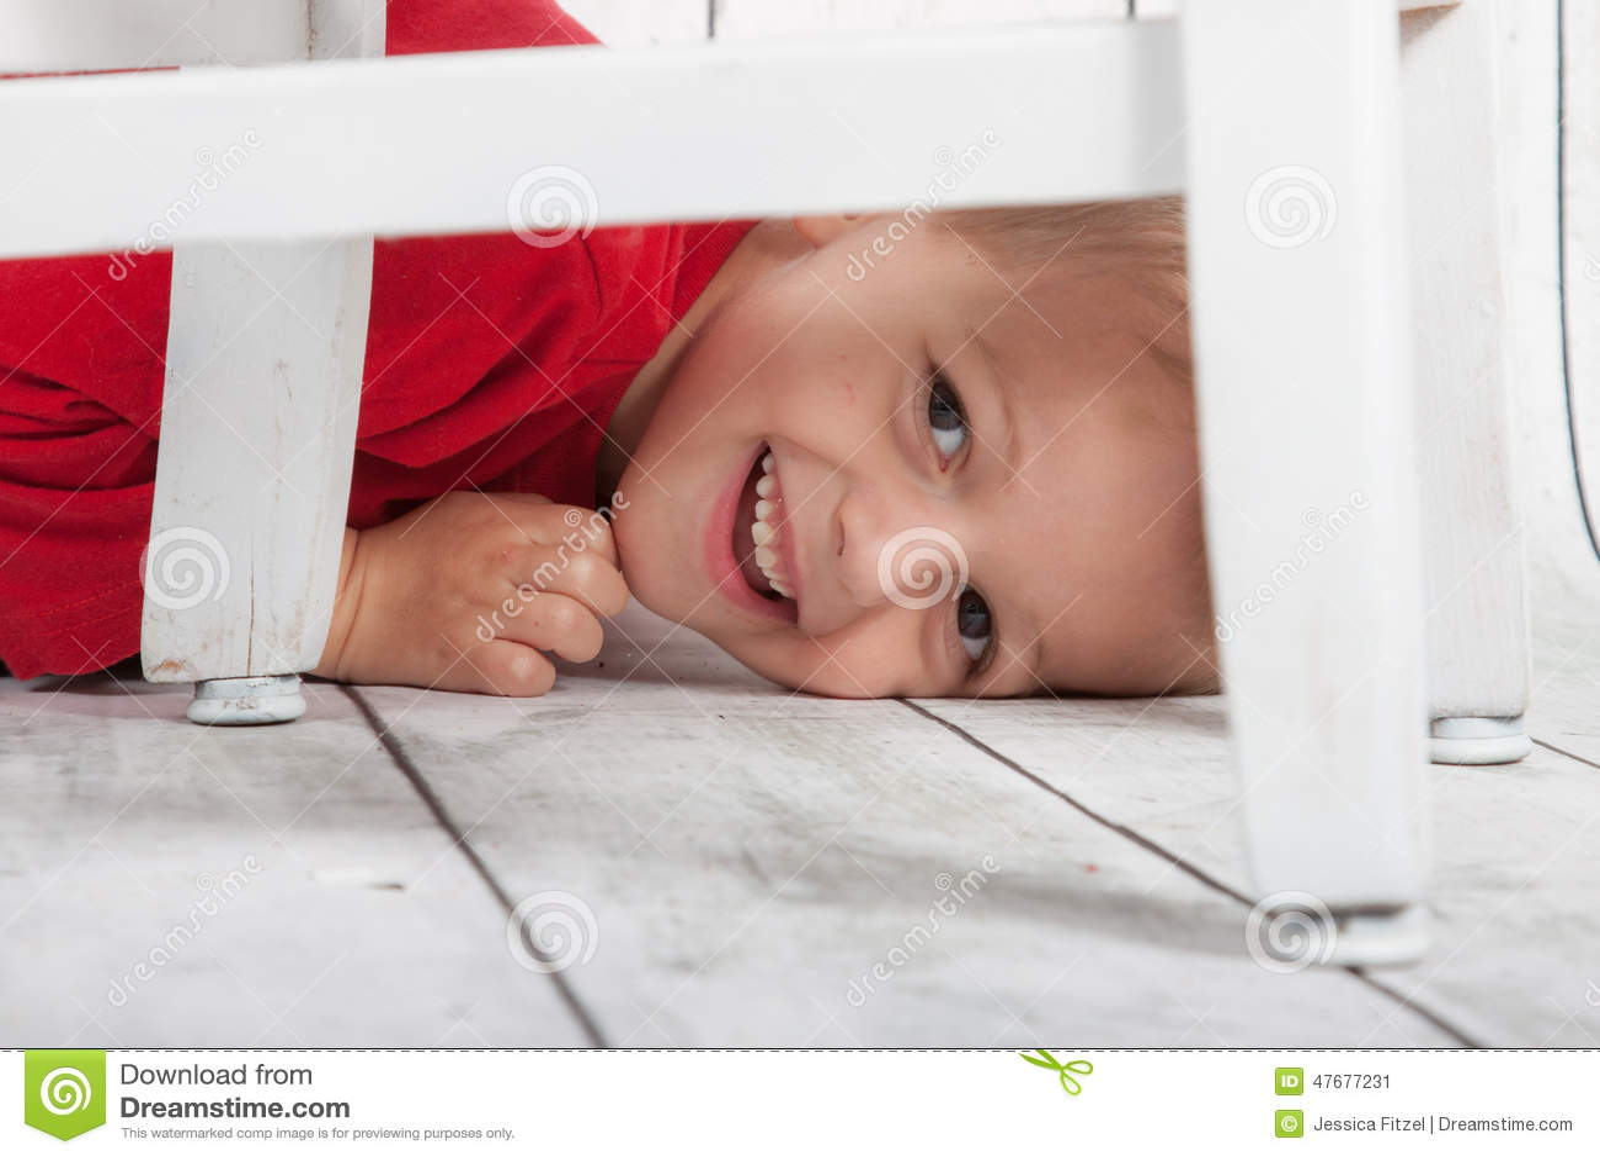 Boy hiding